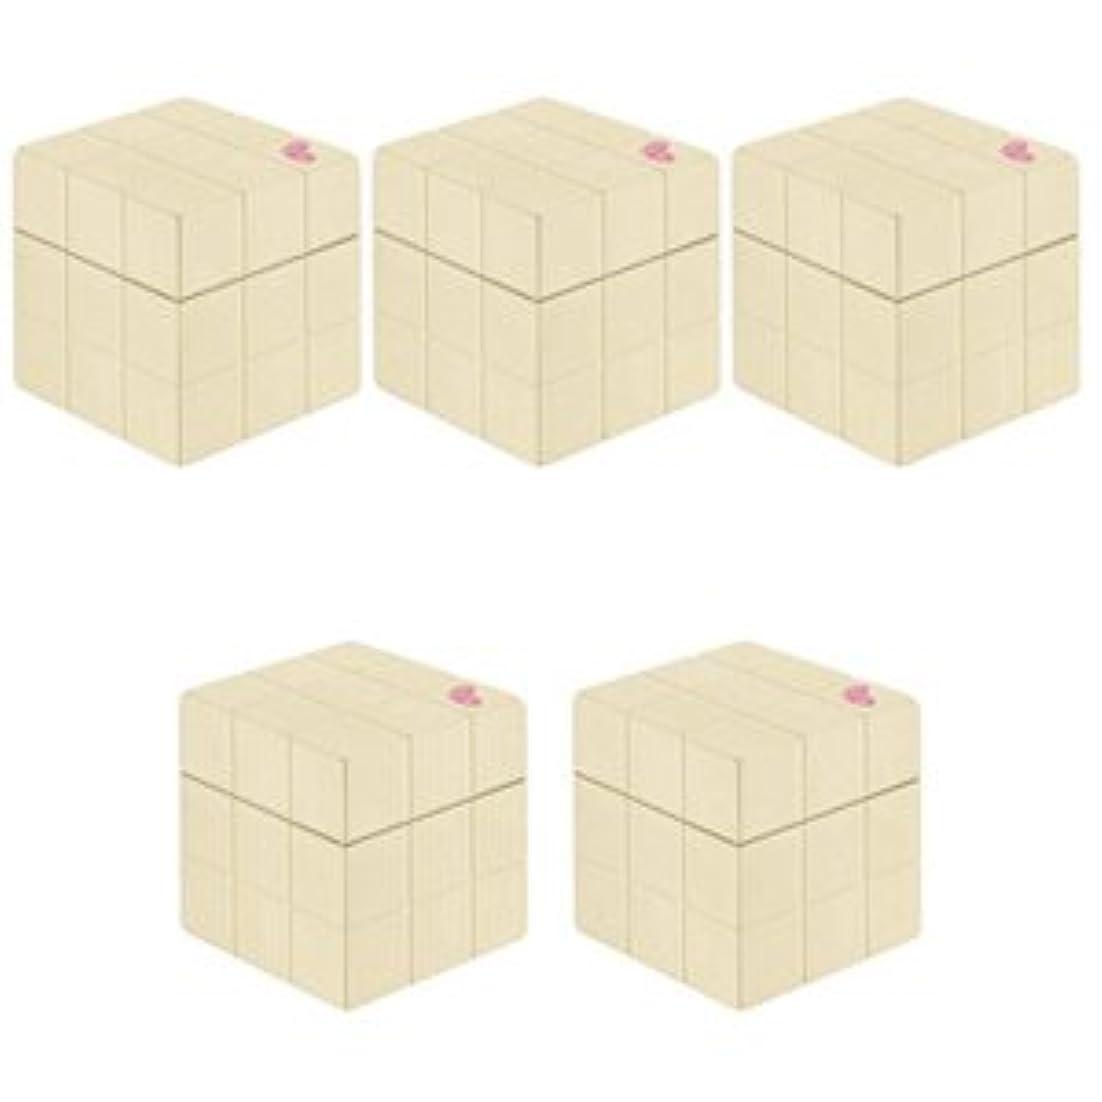 ロール誘導虫【X5個セット】 アリミノ ピース プロデザインシリーズ ニュアンスワックス バニラ 80g